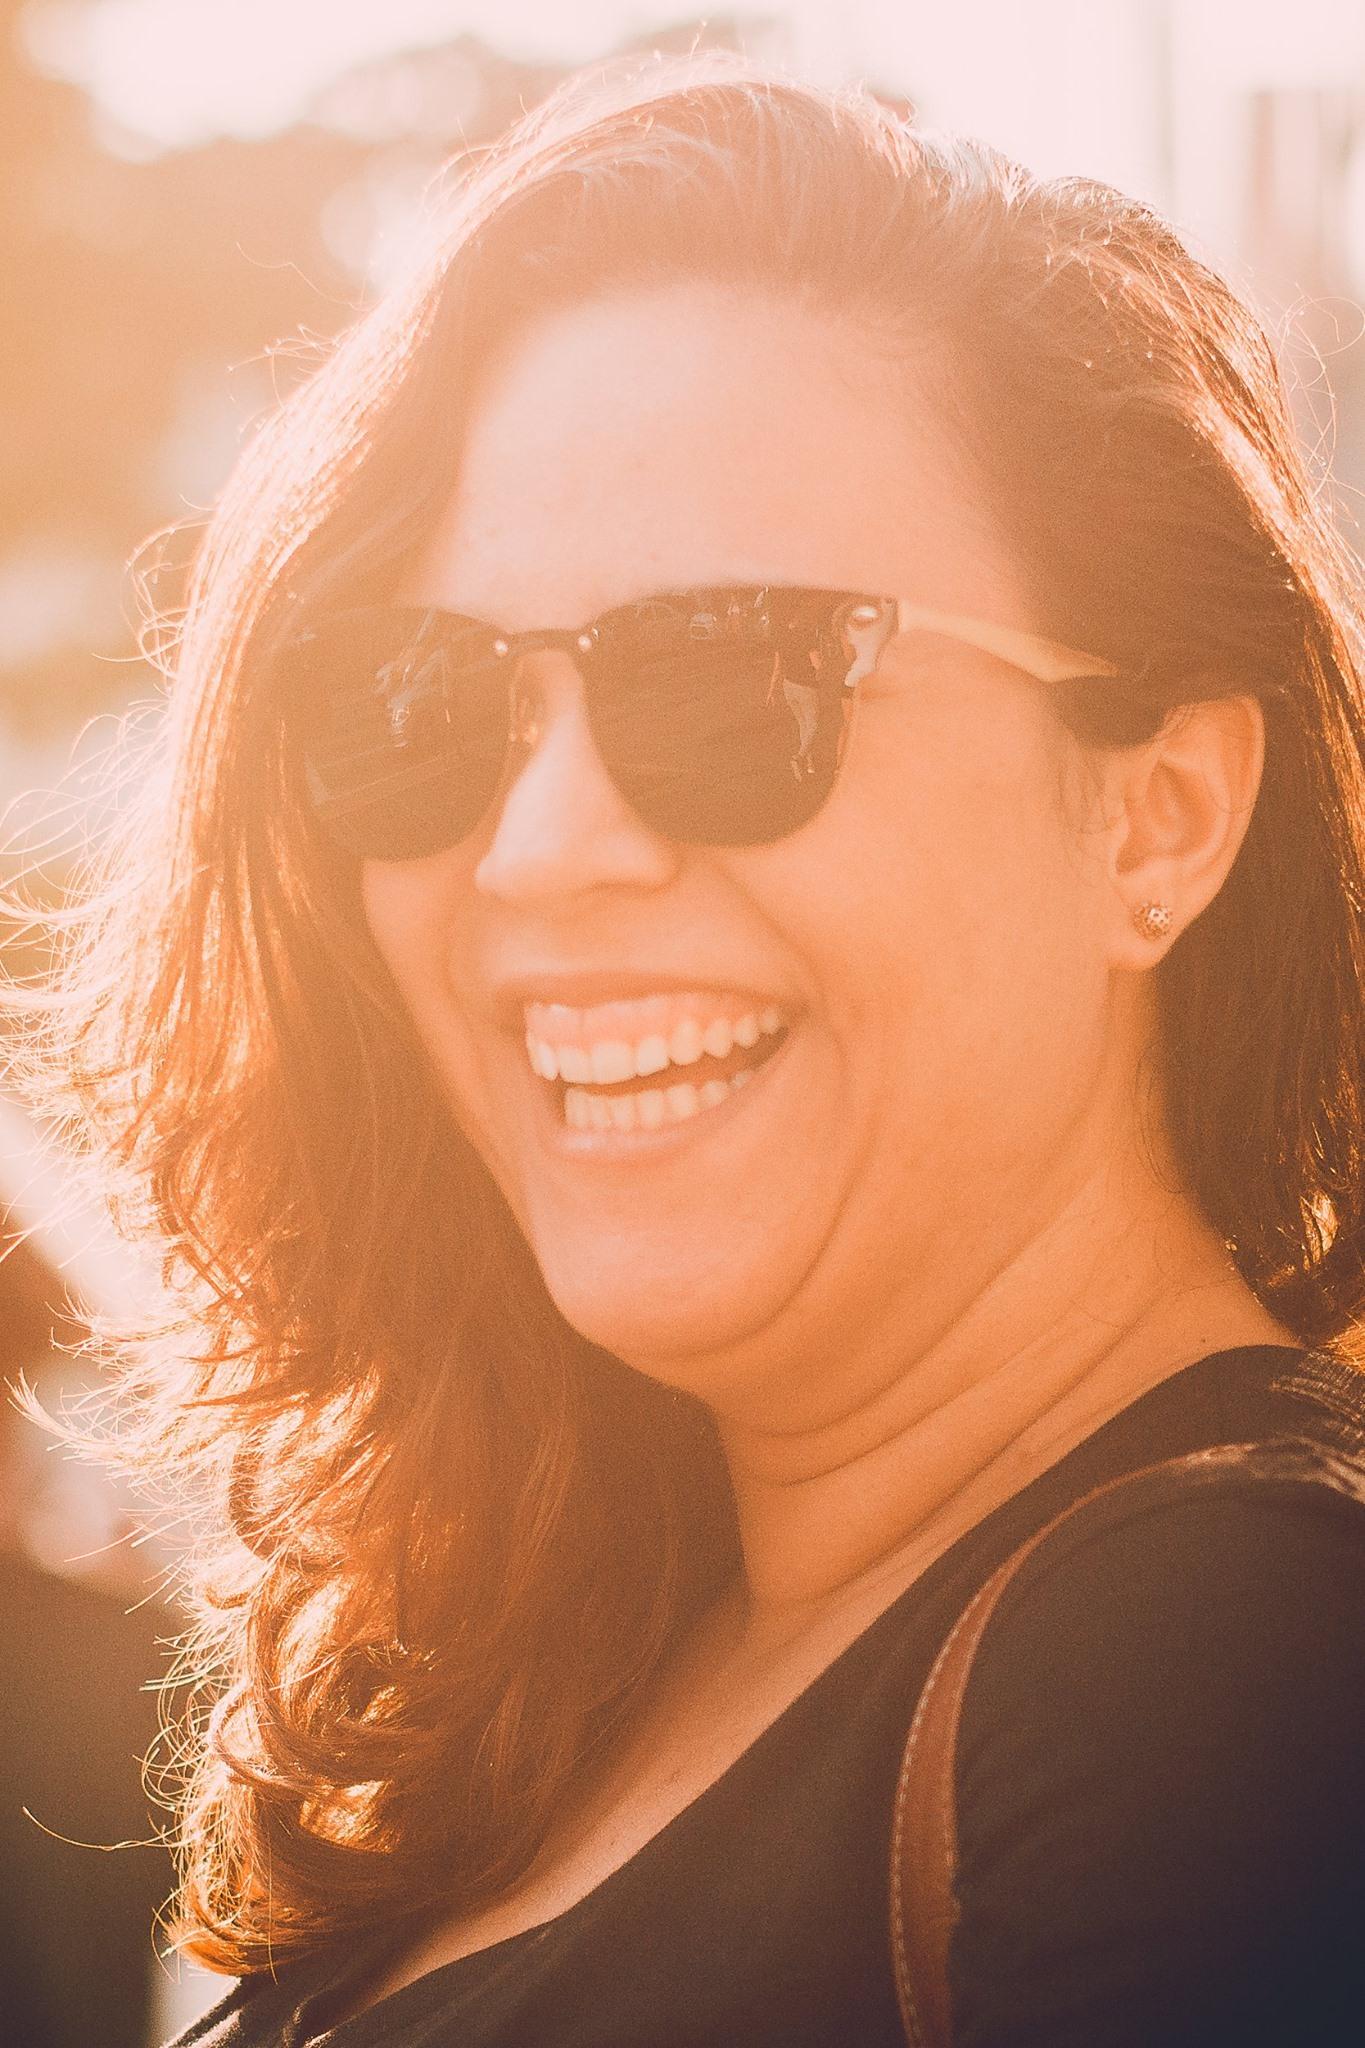 Sobre Gabi Coêlho: Fotógrafa de Família, gestante e parto em Maceió